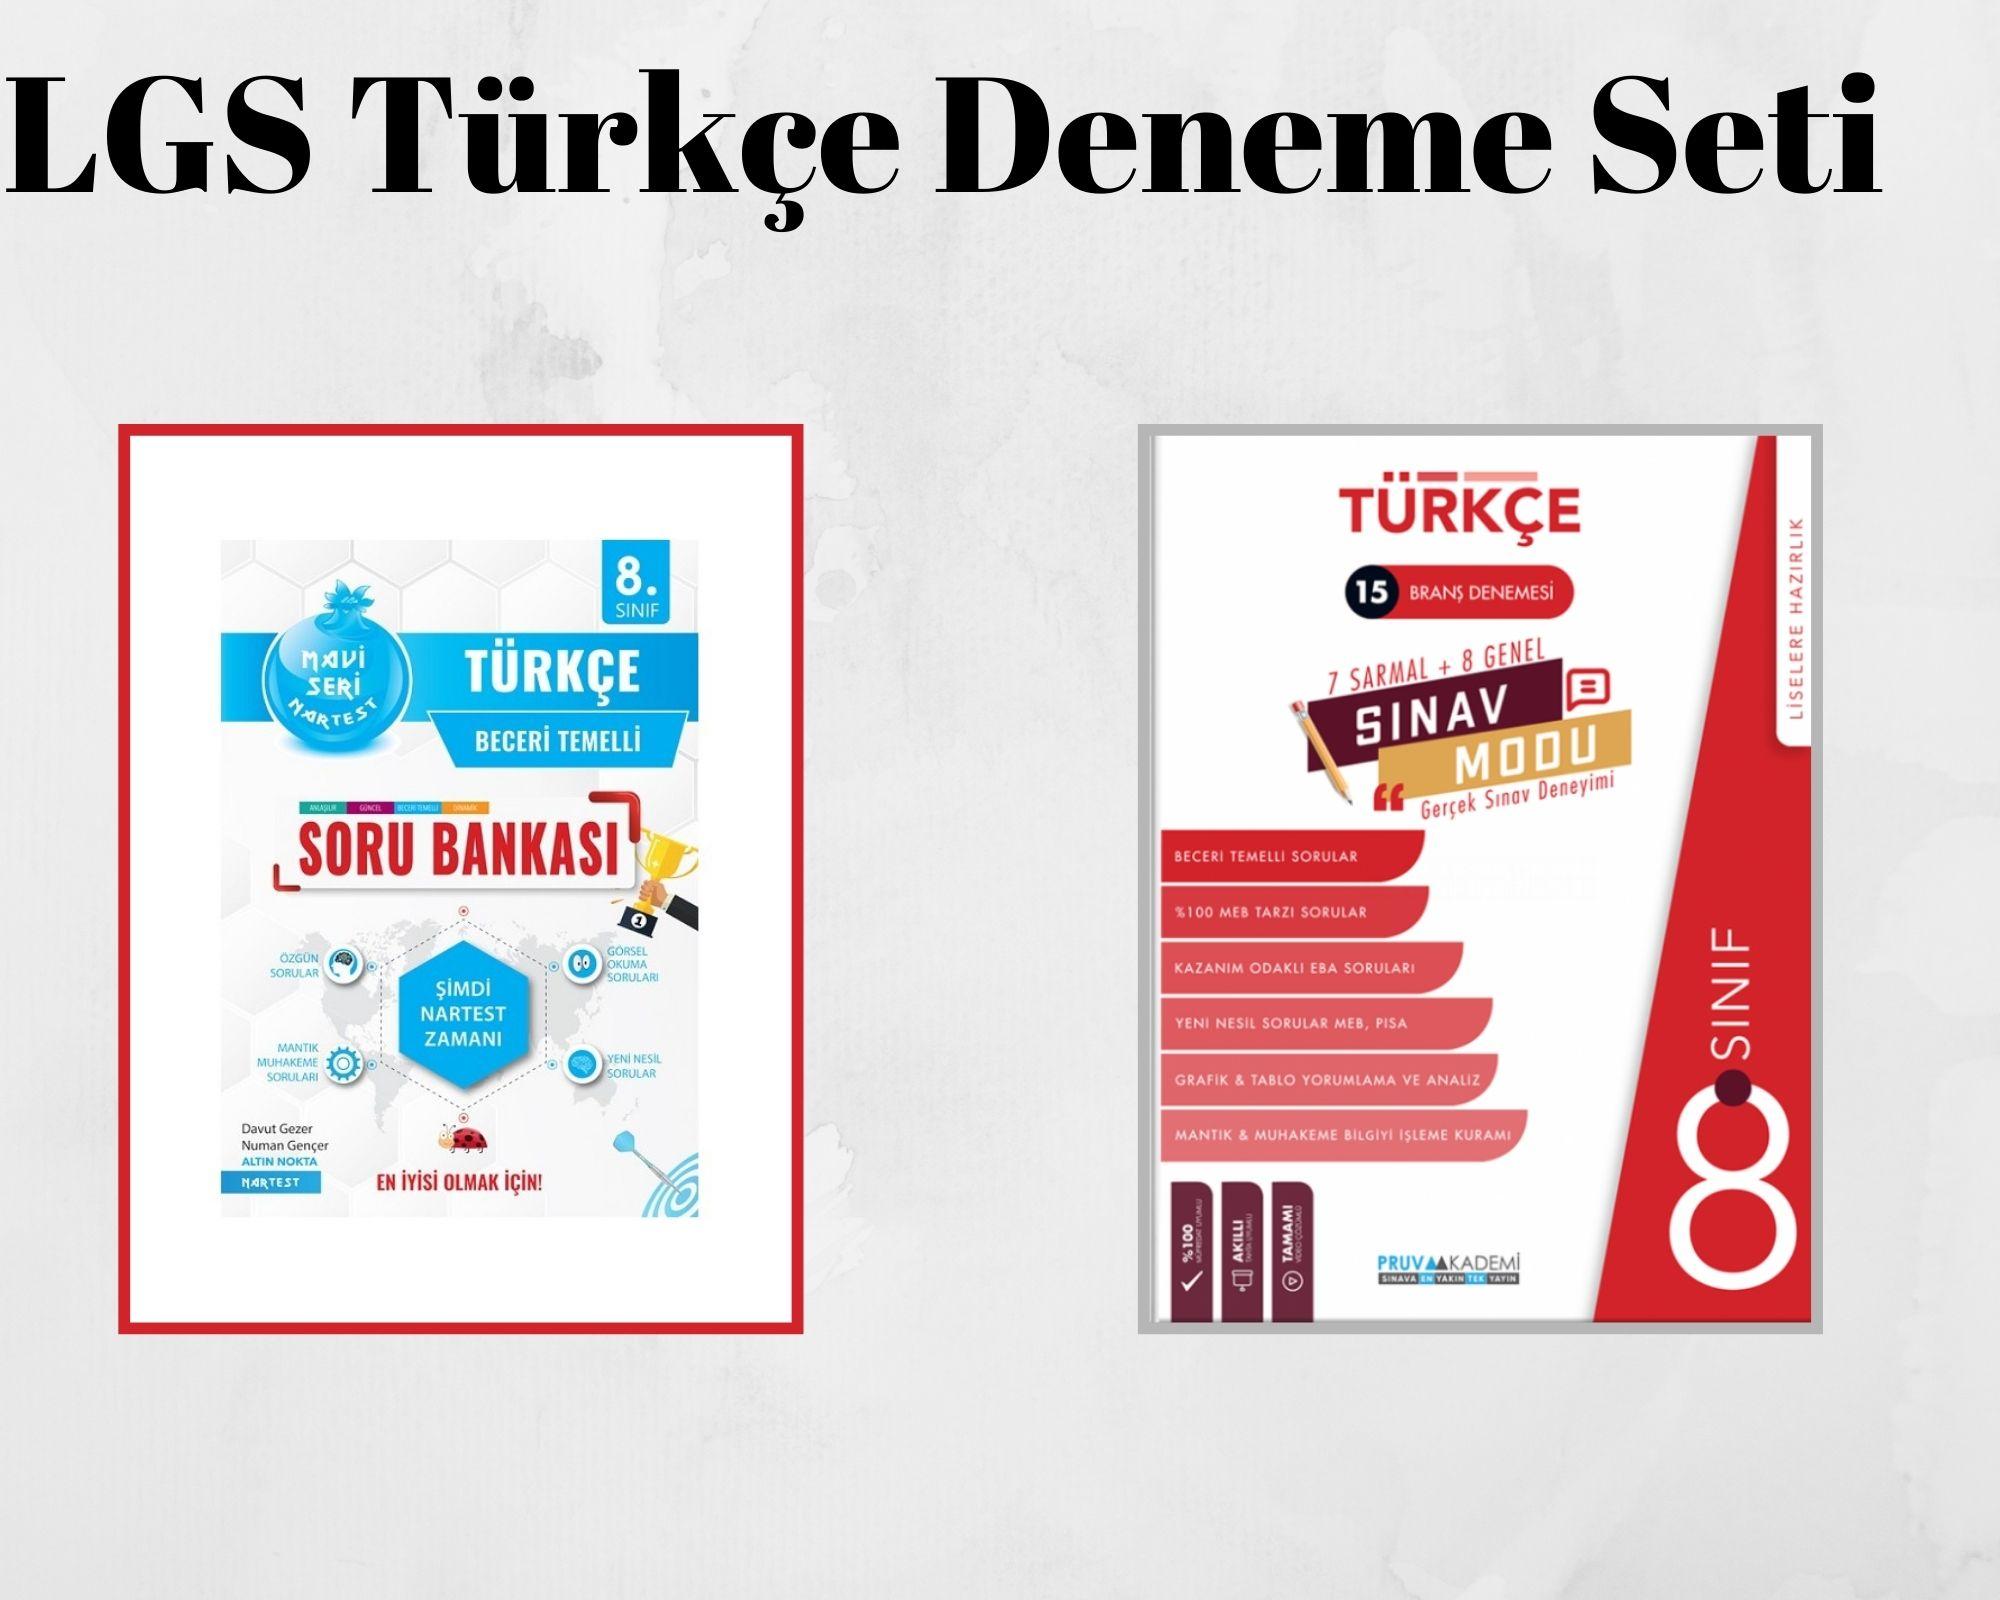 LGS Türkçe Deneme Seti